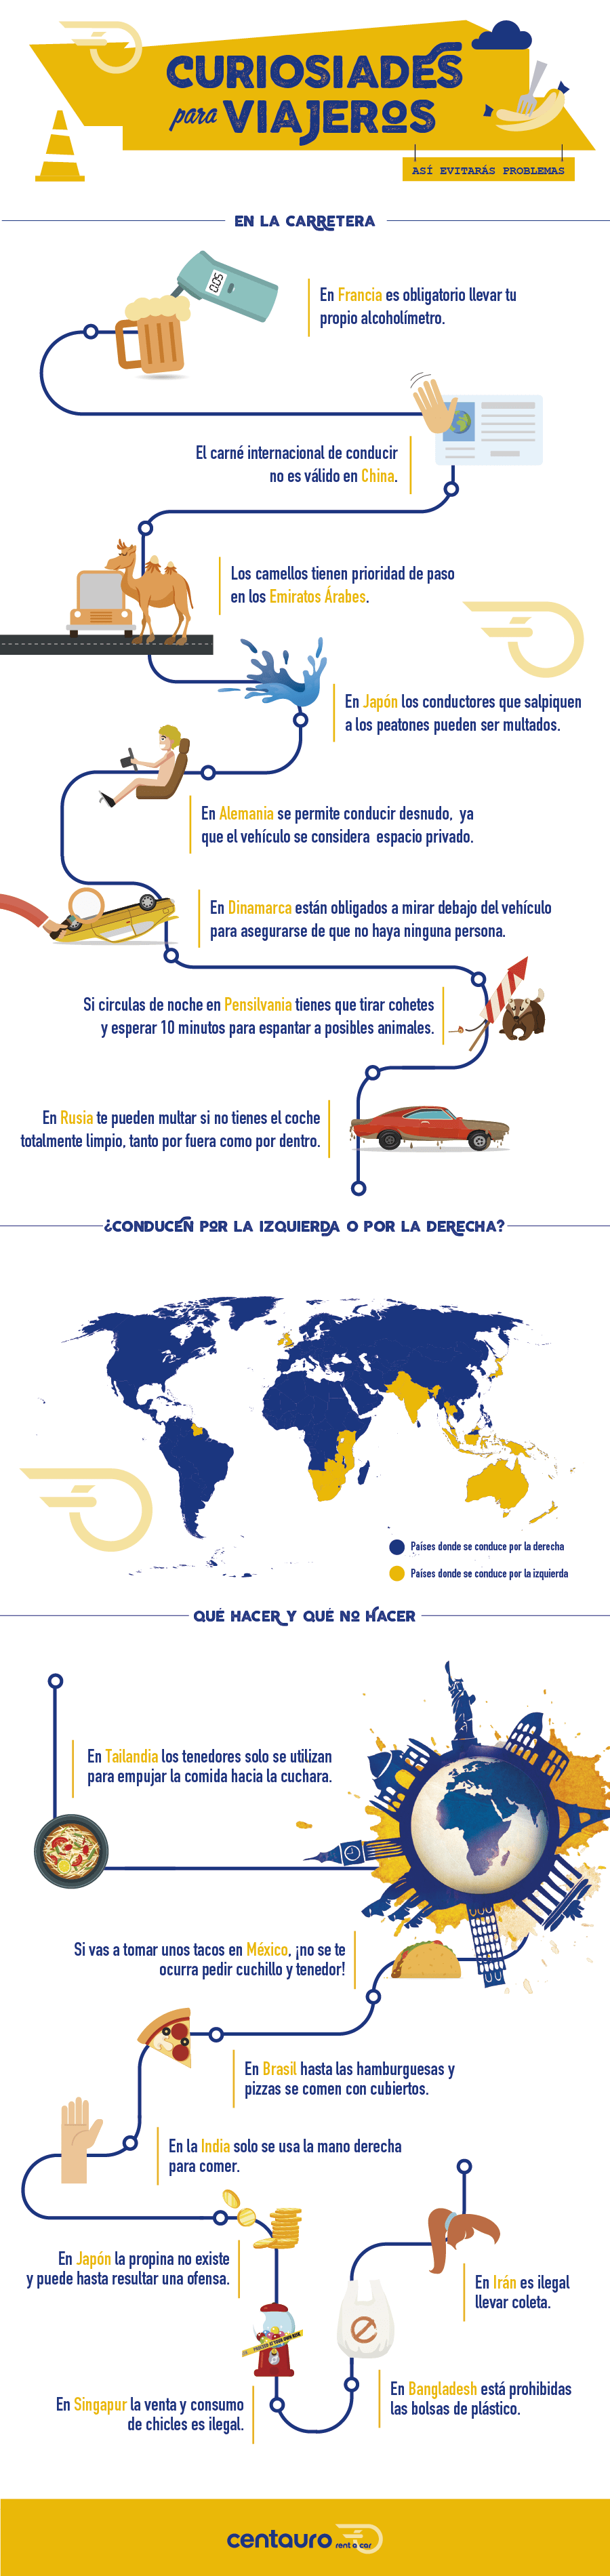 curiosidades para viajeros 01